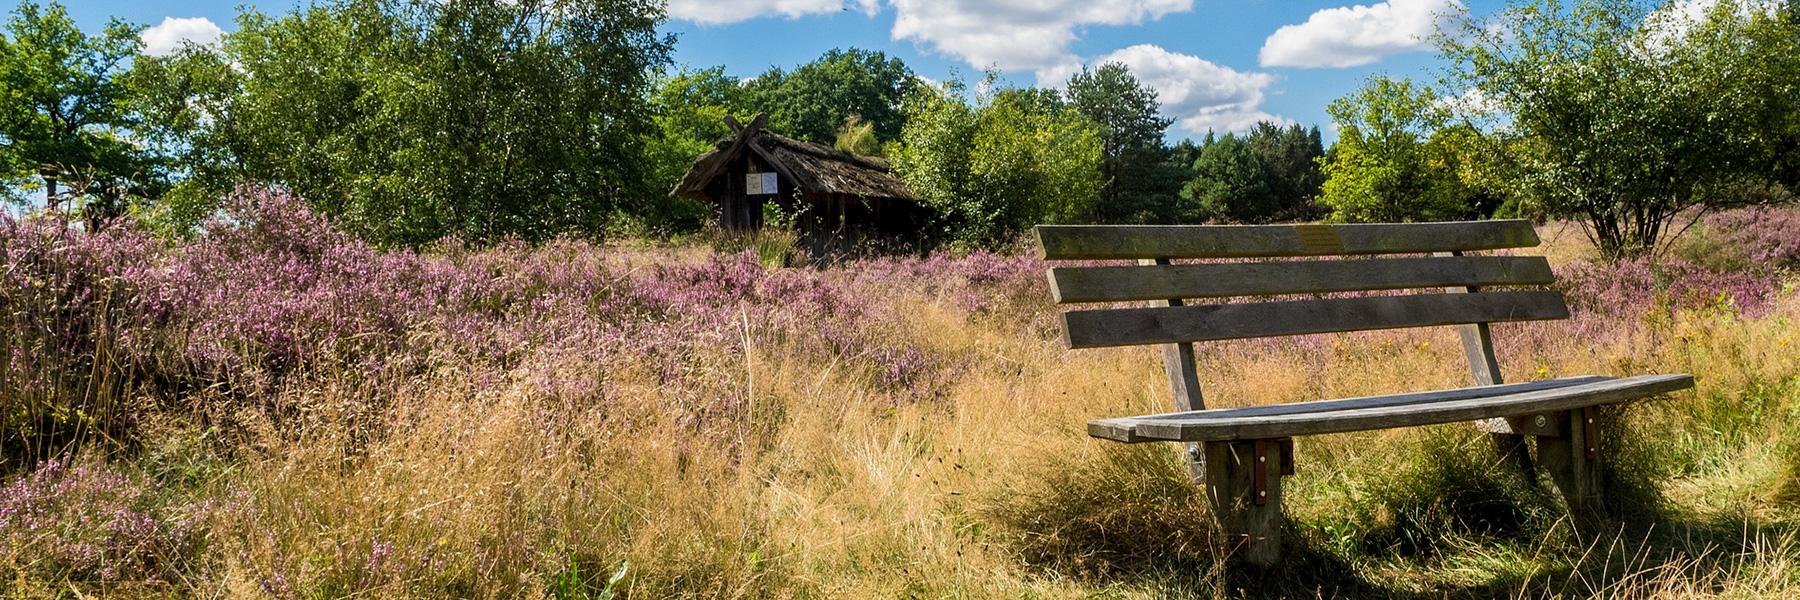 Wandern In Niedersachsen Wanderkompass De